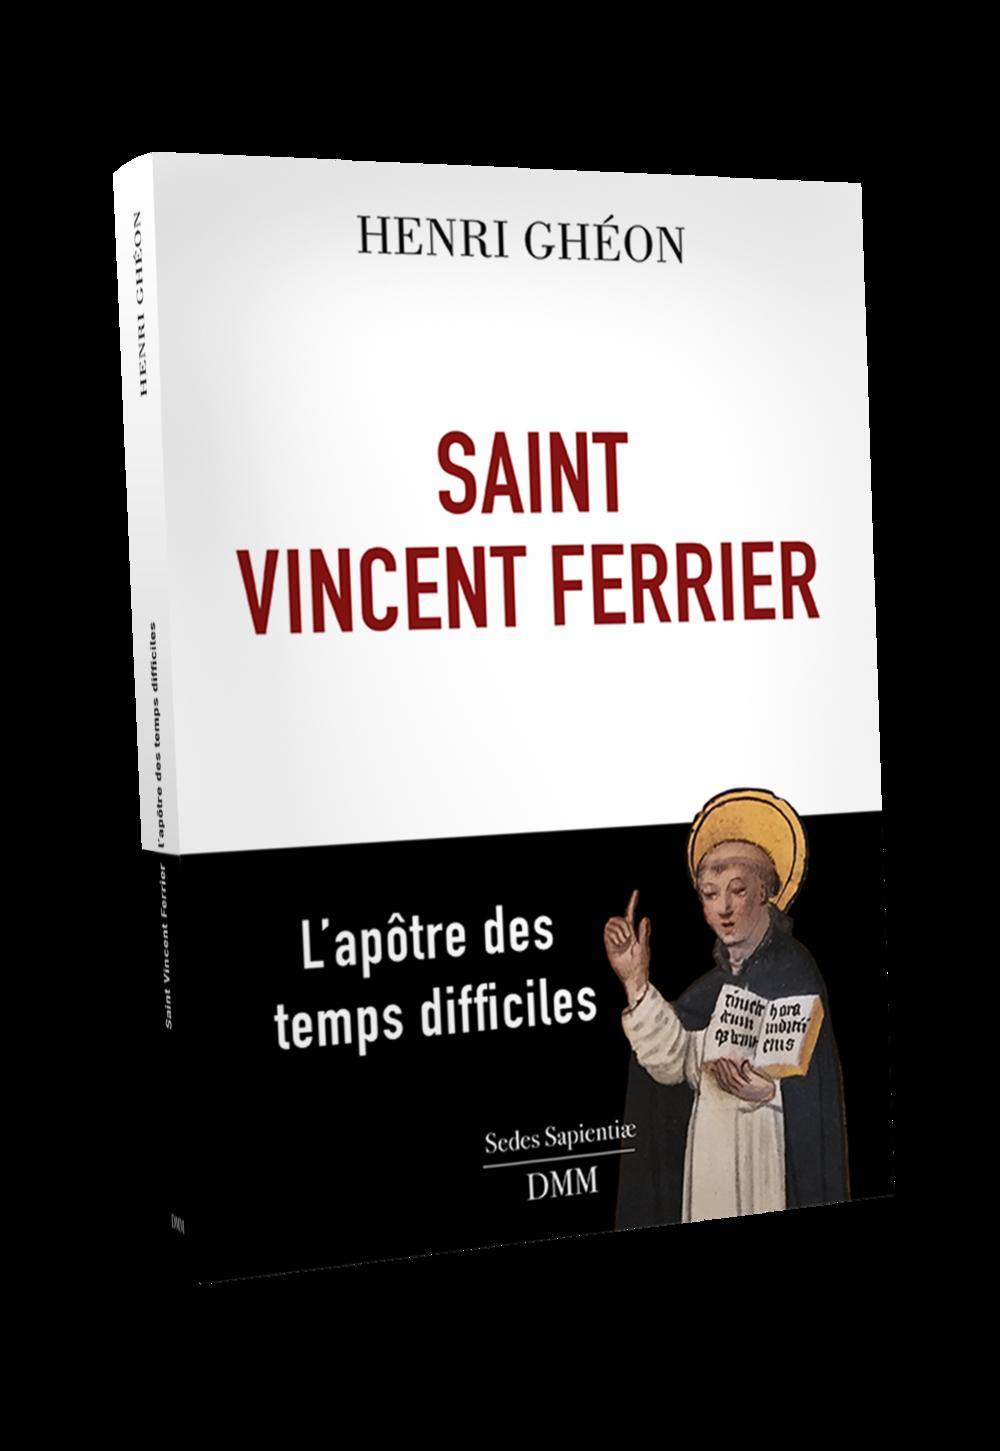 st-vincent-ferrier - henri gheon - mockup.png